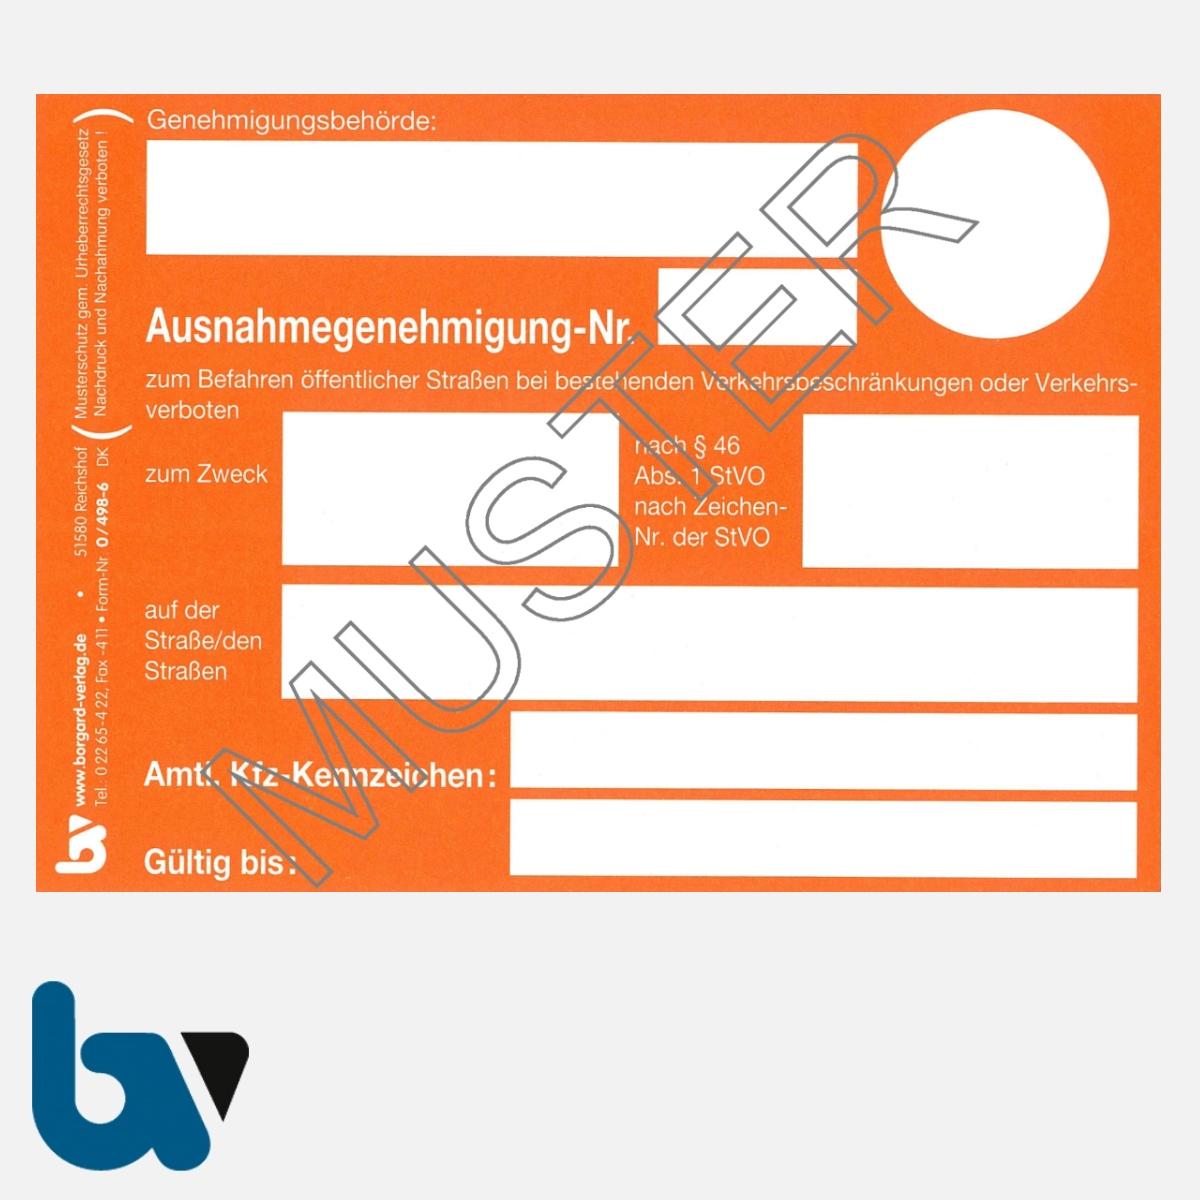 0/498-6 Ausnahmegenehmigung 46 Straßenverkehrsordnung StVO Befahren öffentliche Straßen Beschränkung Verbote orange DIN A6 Karton VS | Borgard Verlag GmbH